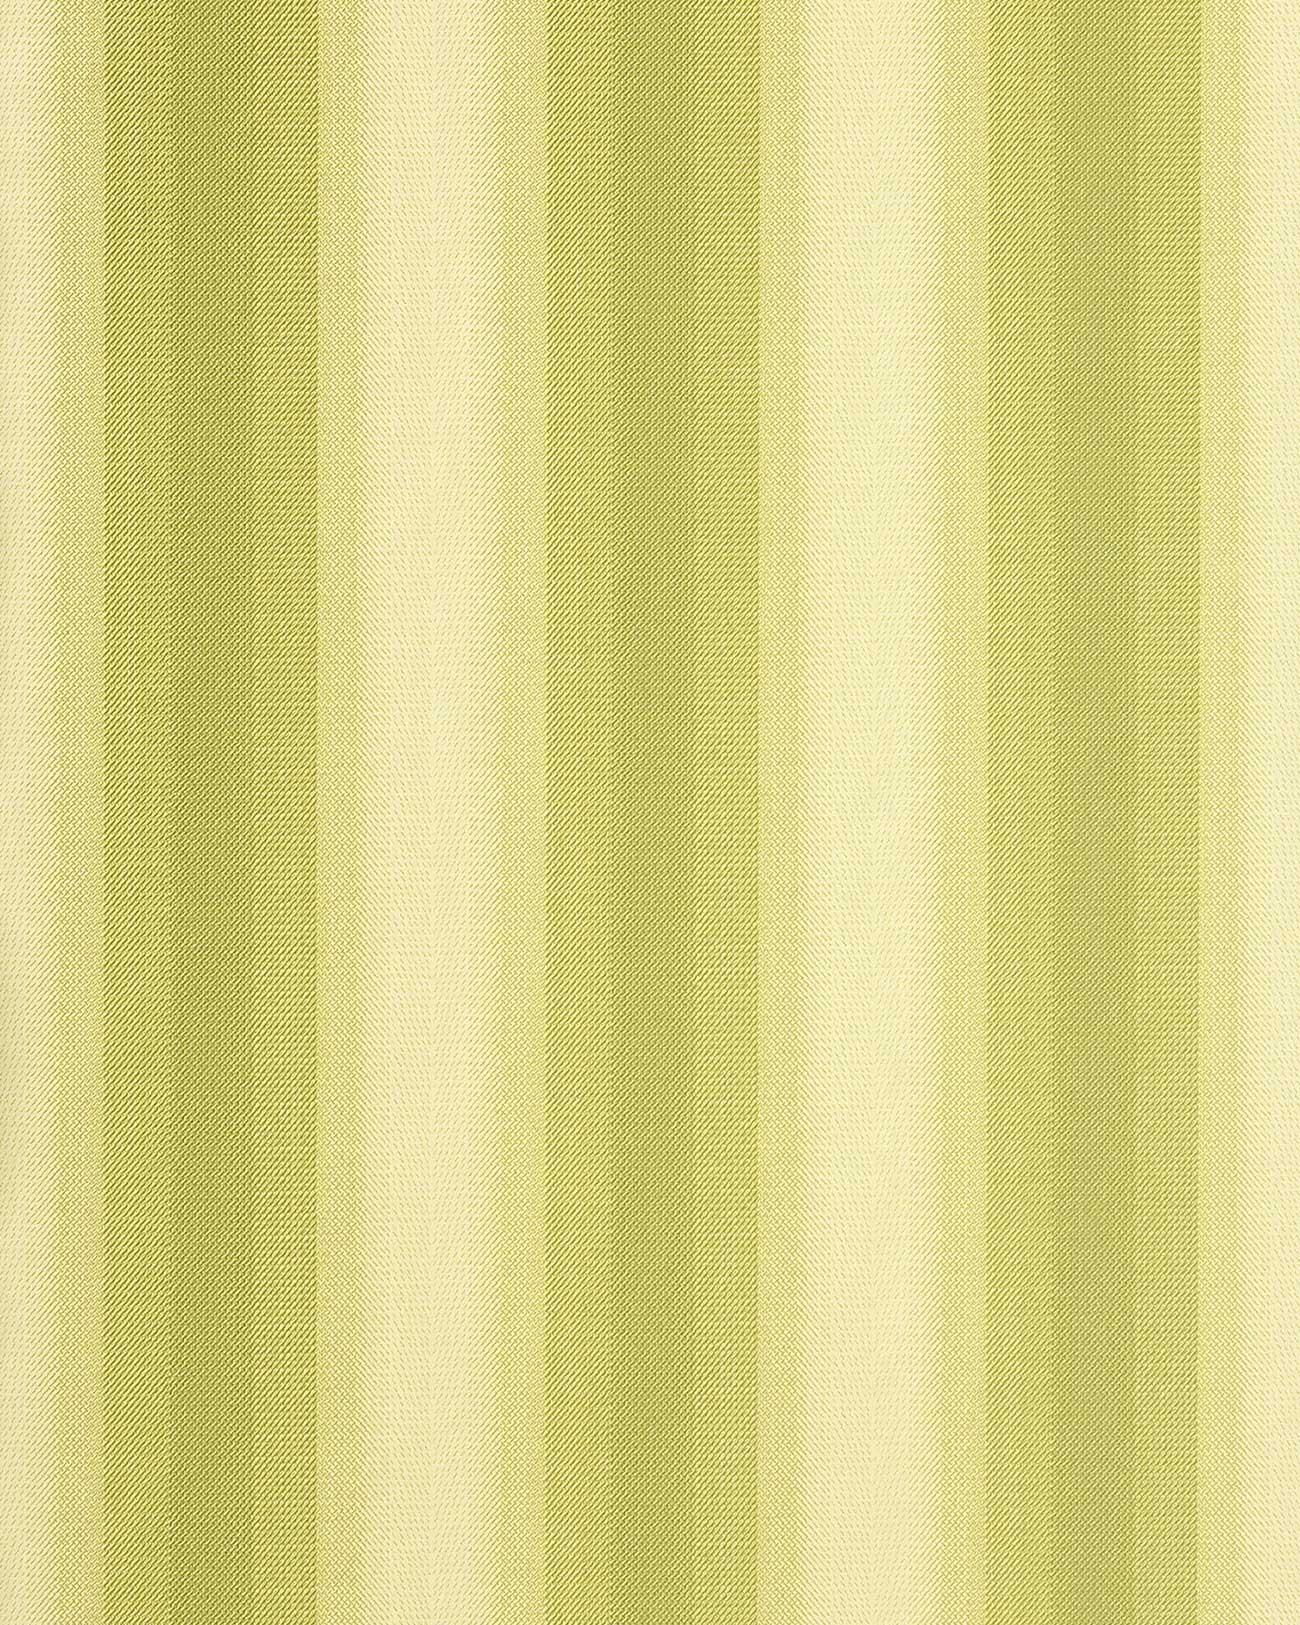 Carta da parati vinilica edem 085 25 a strisce larghe for Carta parati verde